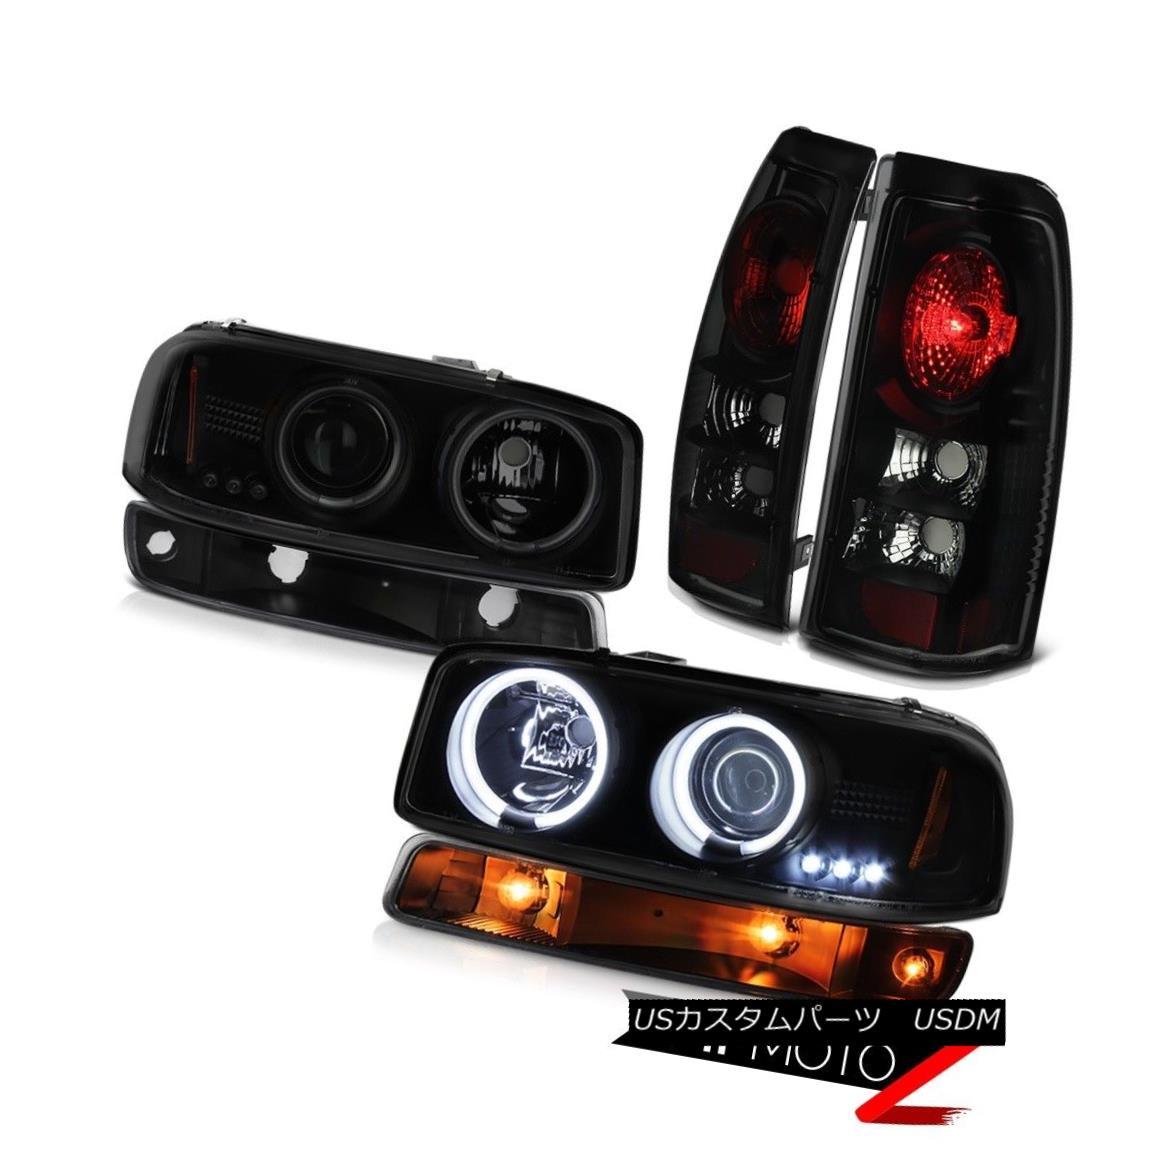 テールライト 99 00 01 02 Sierra 2500 Rear brake lights raven black signal lamp ccfl headlamps 99 00 01 02 Sierra 2500リアブレーキライトレーブンブラックシグナルランプccflヘッドライト